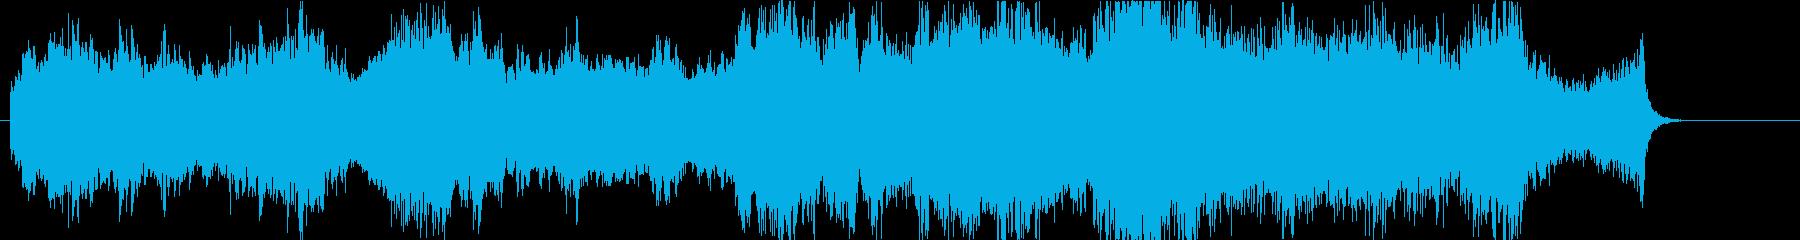 映画、壮大泣ける感動オーケストラハーフbの再生済みの波形